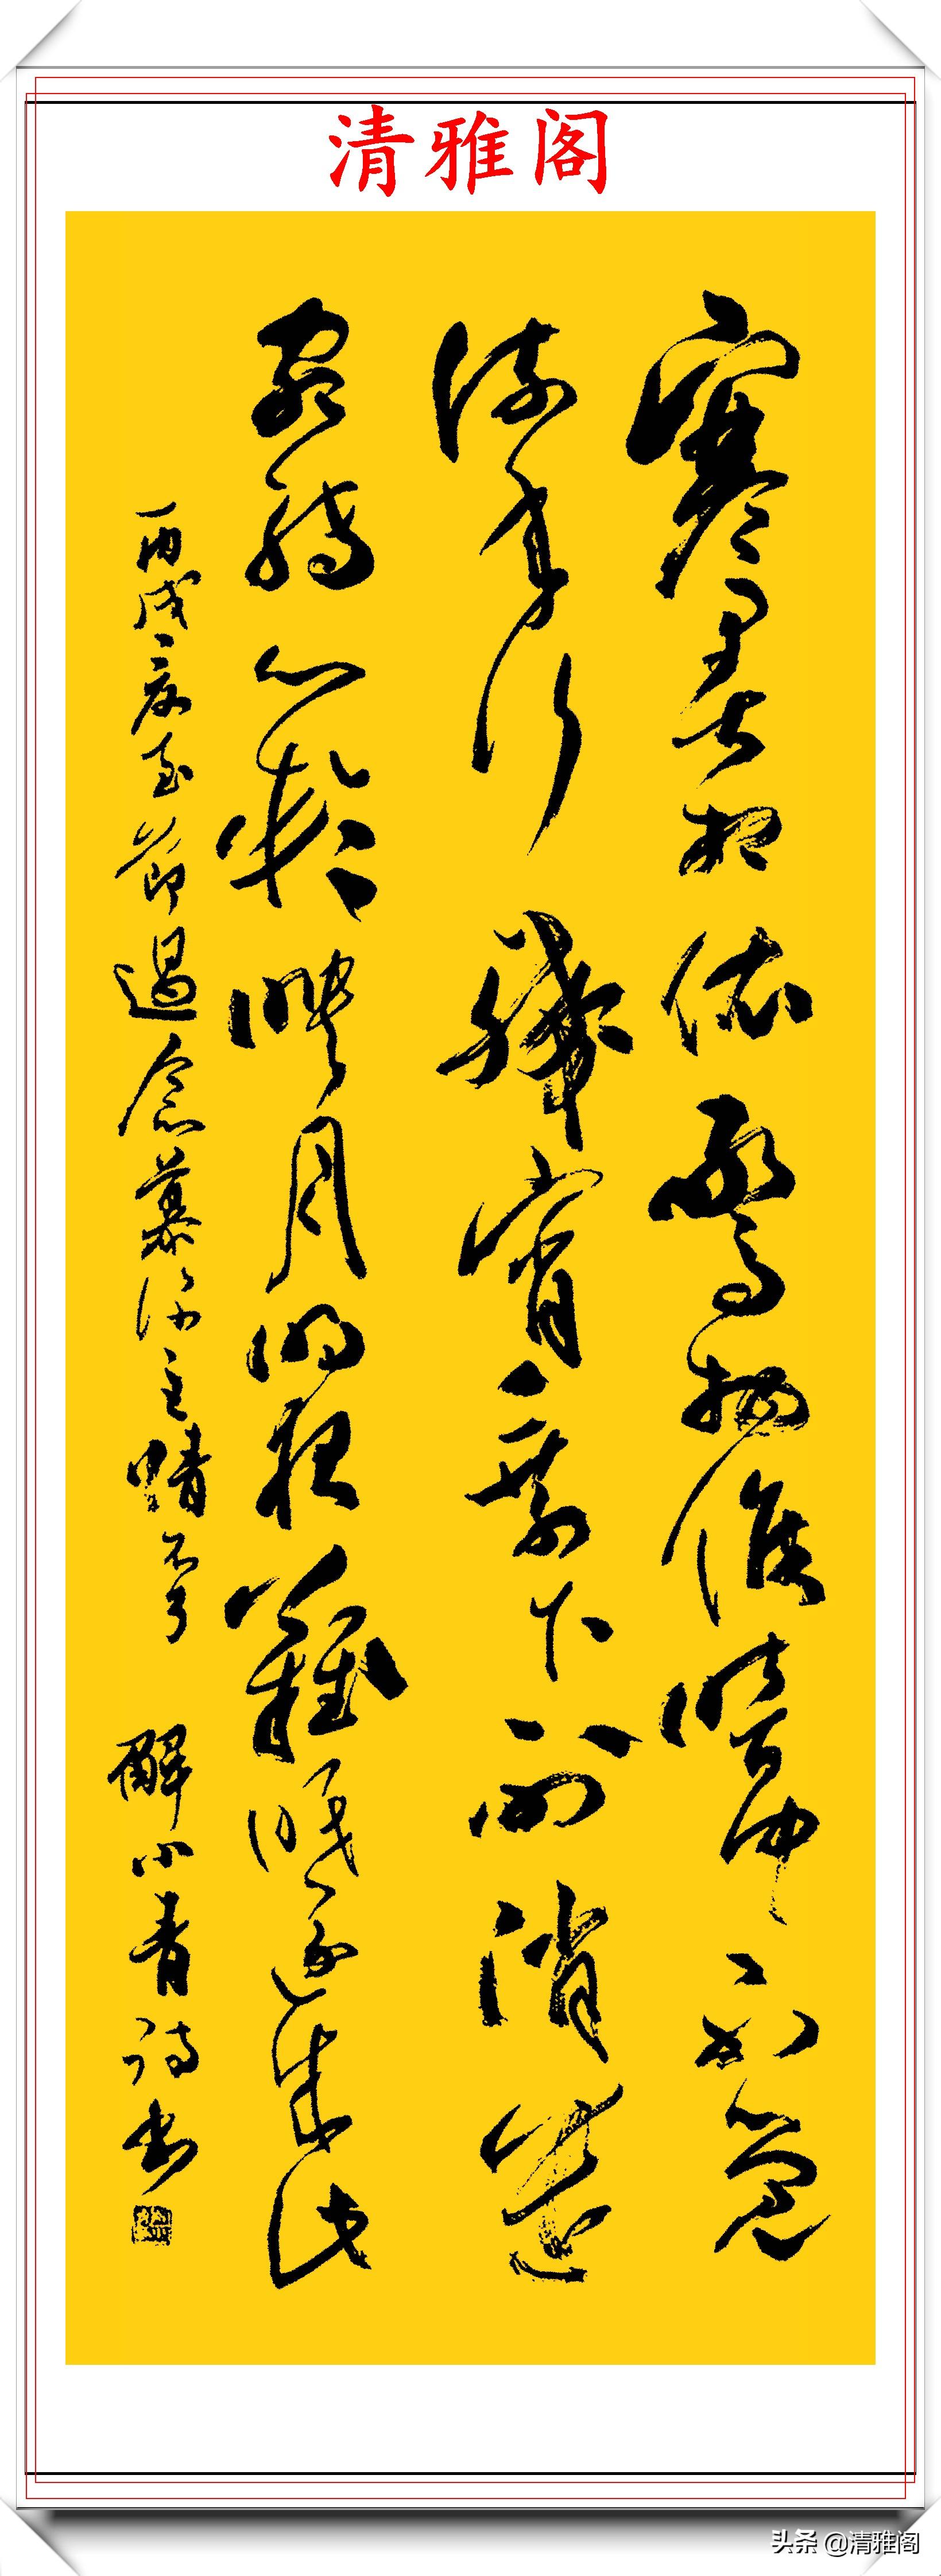 女书法博士解小青,精美书法作品欣赏,笔致轻盈取法钟王,好书法